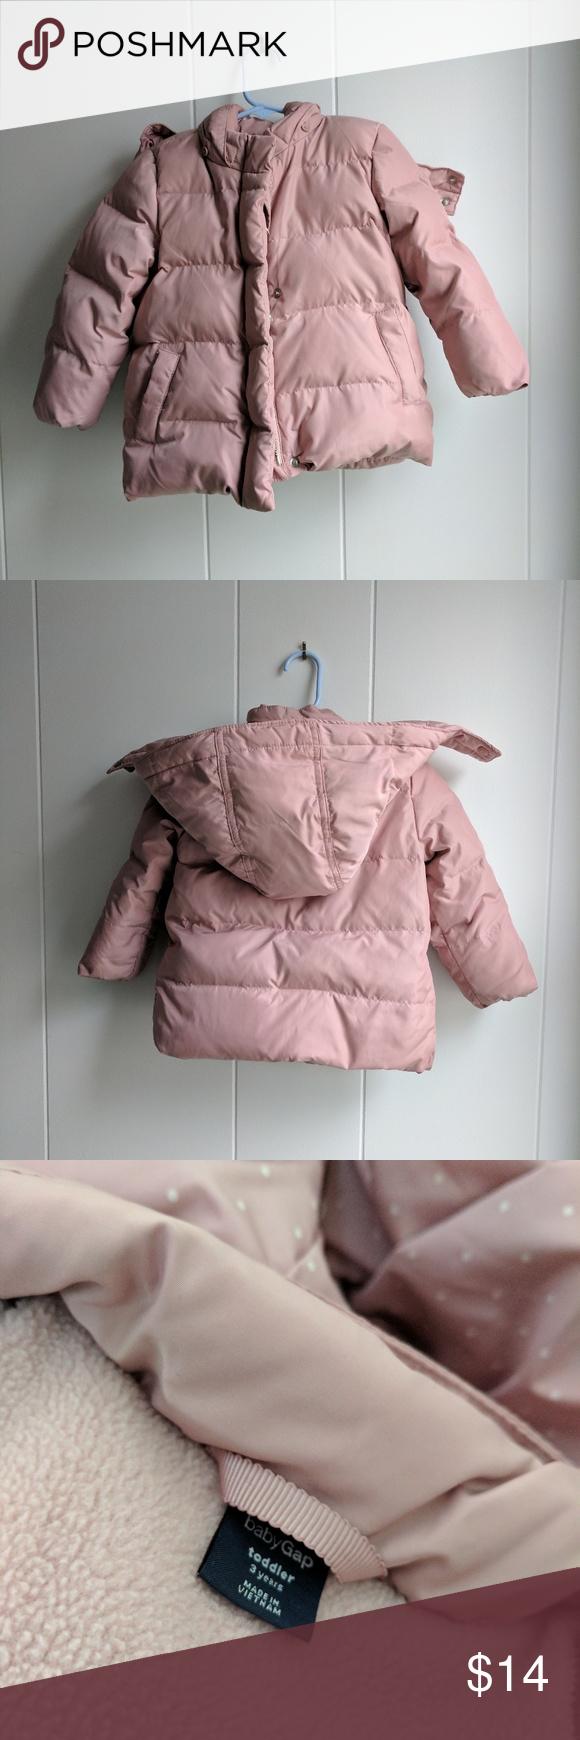 Baby Gap Rose Pink Puffer Jacket 3t Pink Puffer Jacket Toddler Jacket Jackets [ 1740 x 580 Pixel ]